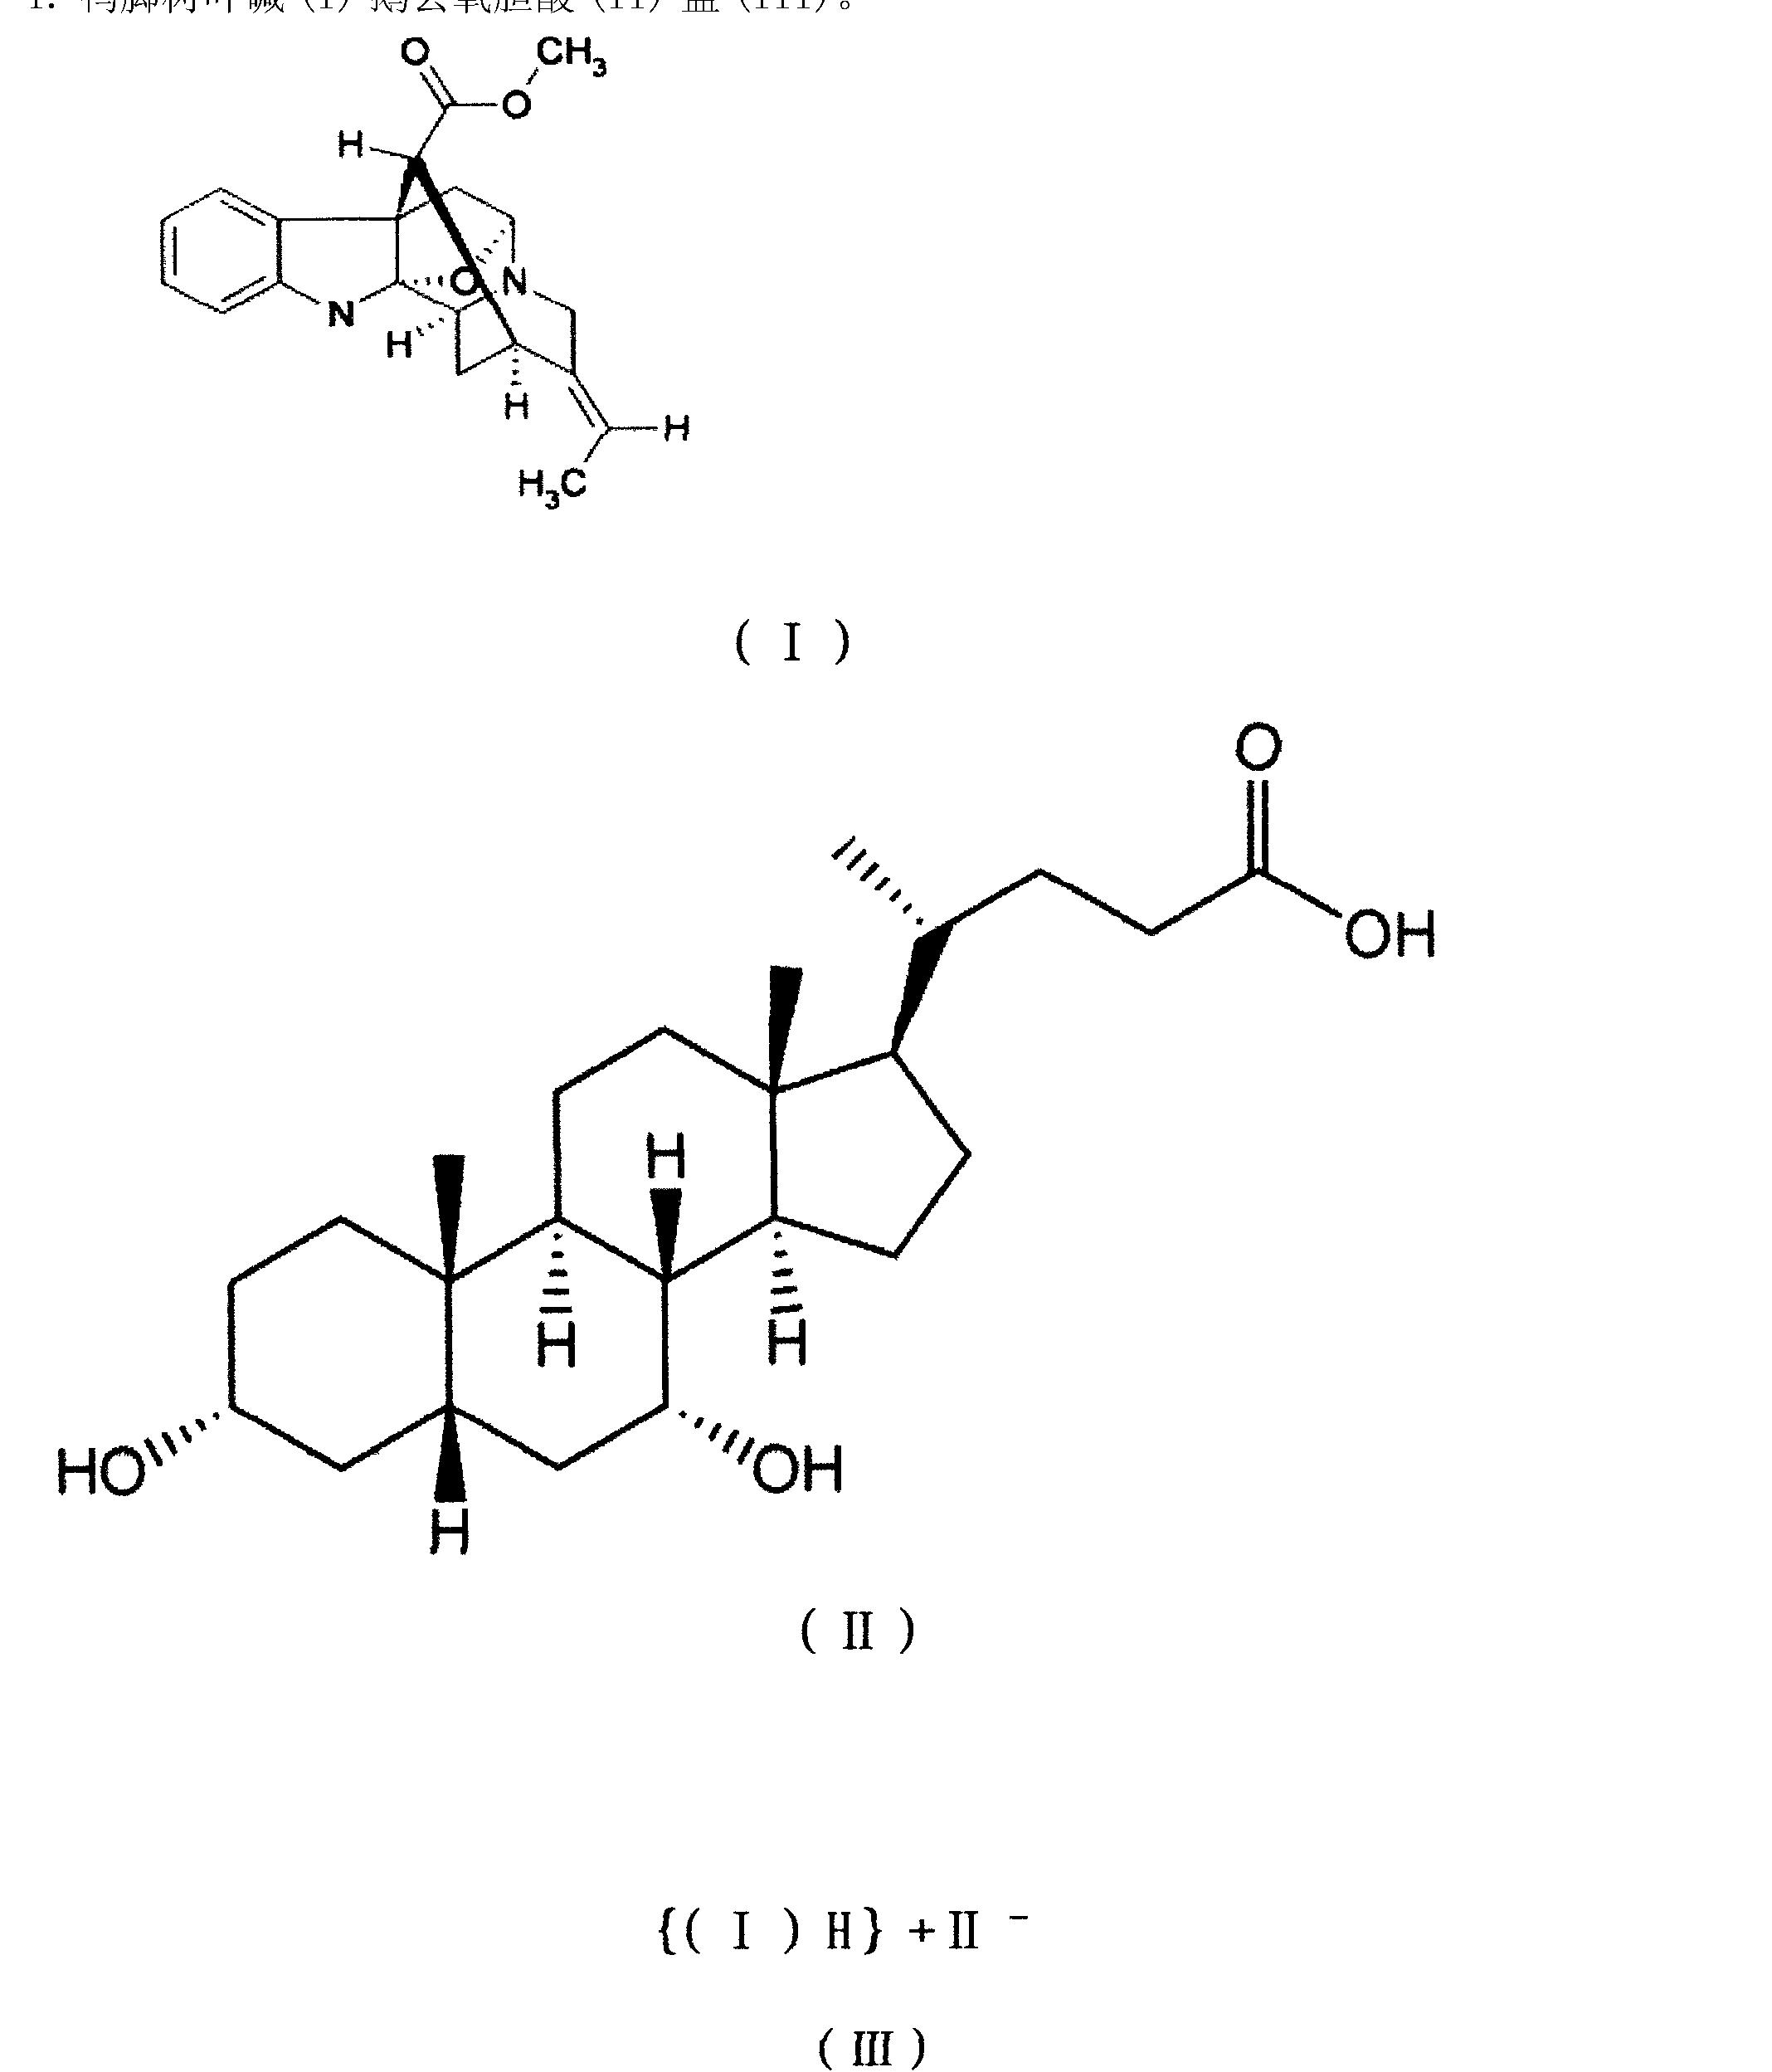 1.鸭脚树叶碱(i)鹅去氧胆酸(ii)盐(iii).